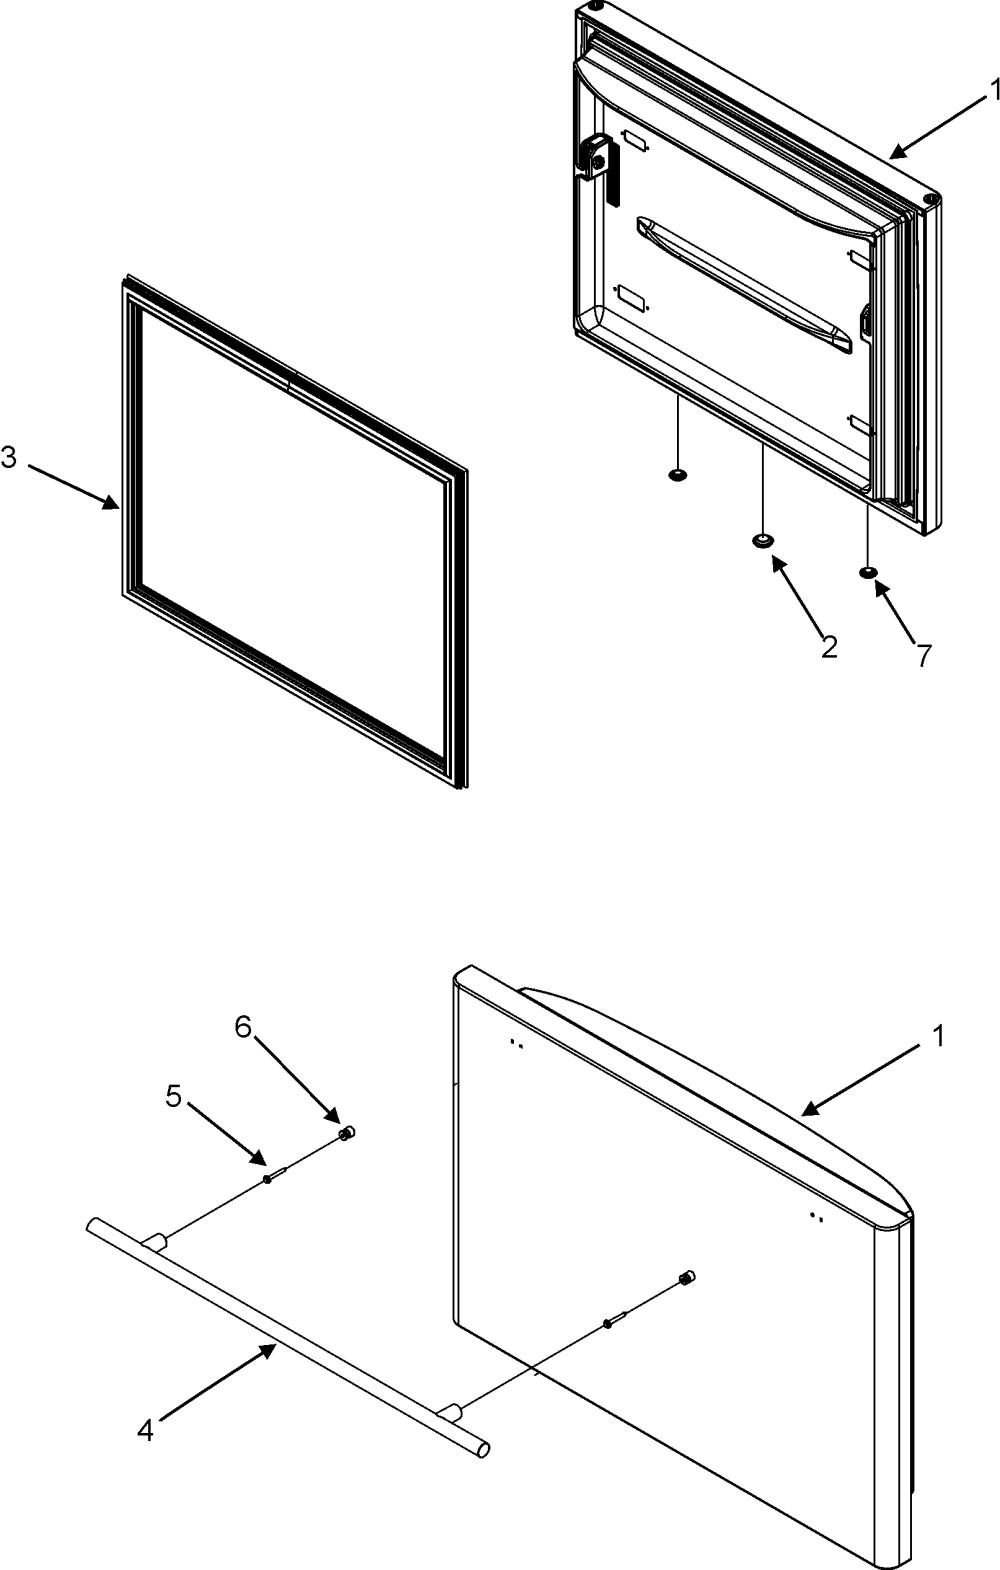 medium resolution of jenn air jenn air refrigeration parts model jbl2088hes sears refrigerator cooling diagram singer refrigerator wiring diagram